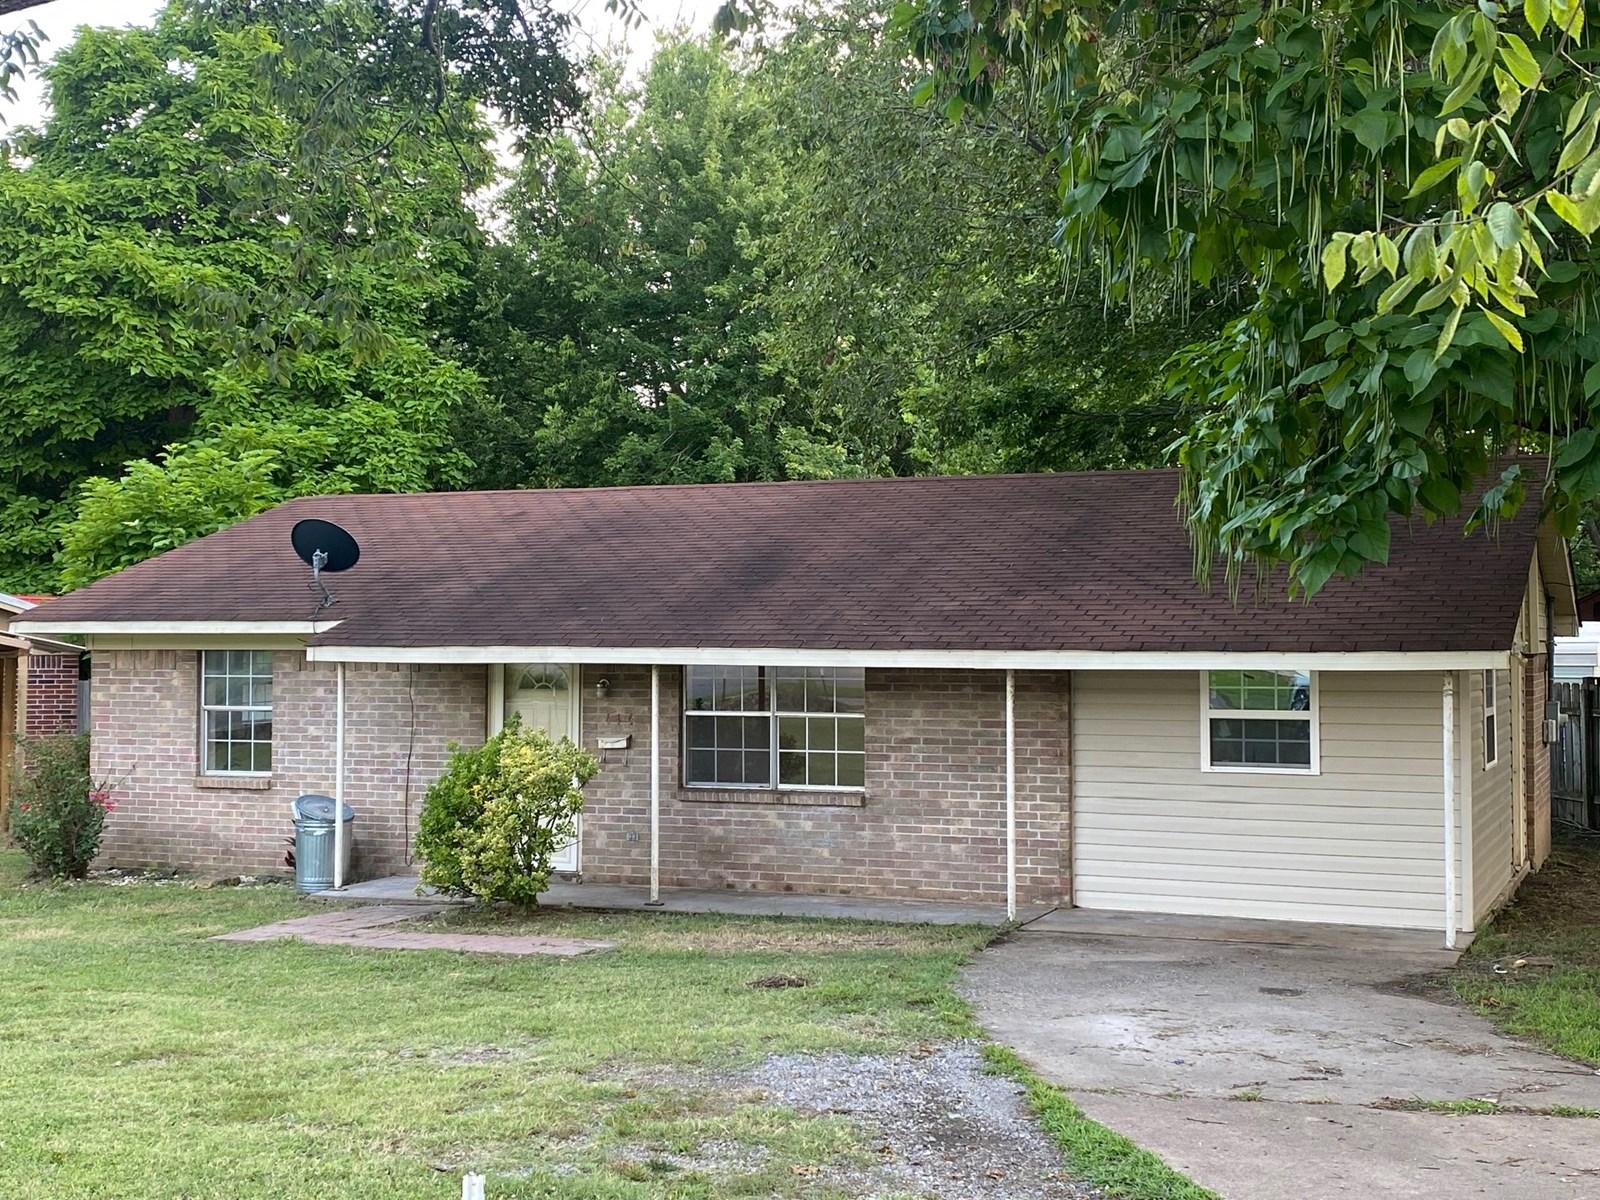 Home for Sale- Wilburton, Oklahoma